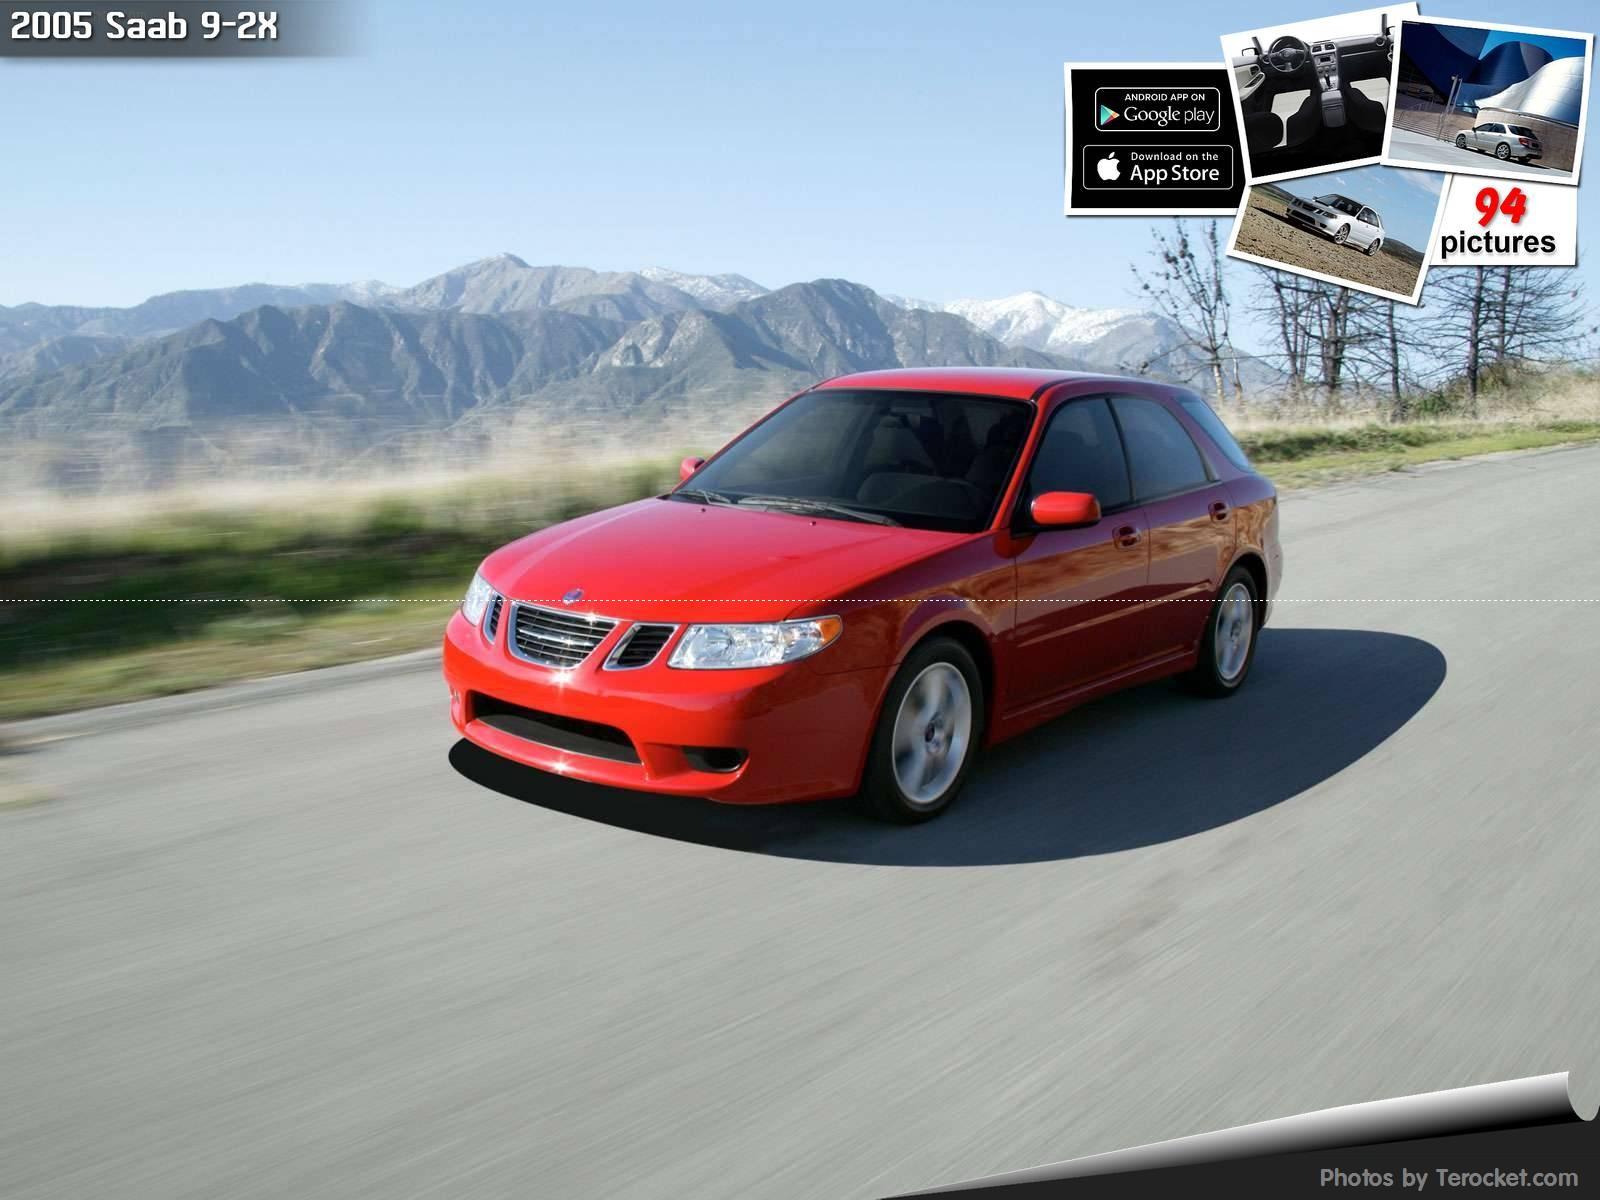 Hình ảnh xe ô tô Saab 9-2X 2005 & nội ngoại thất